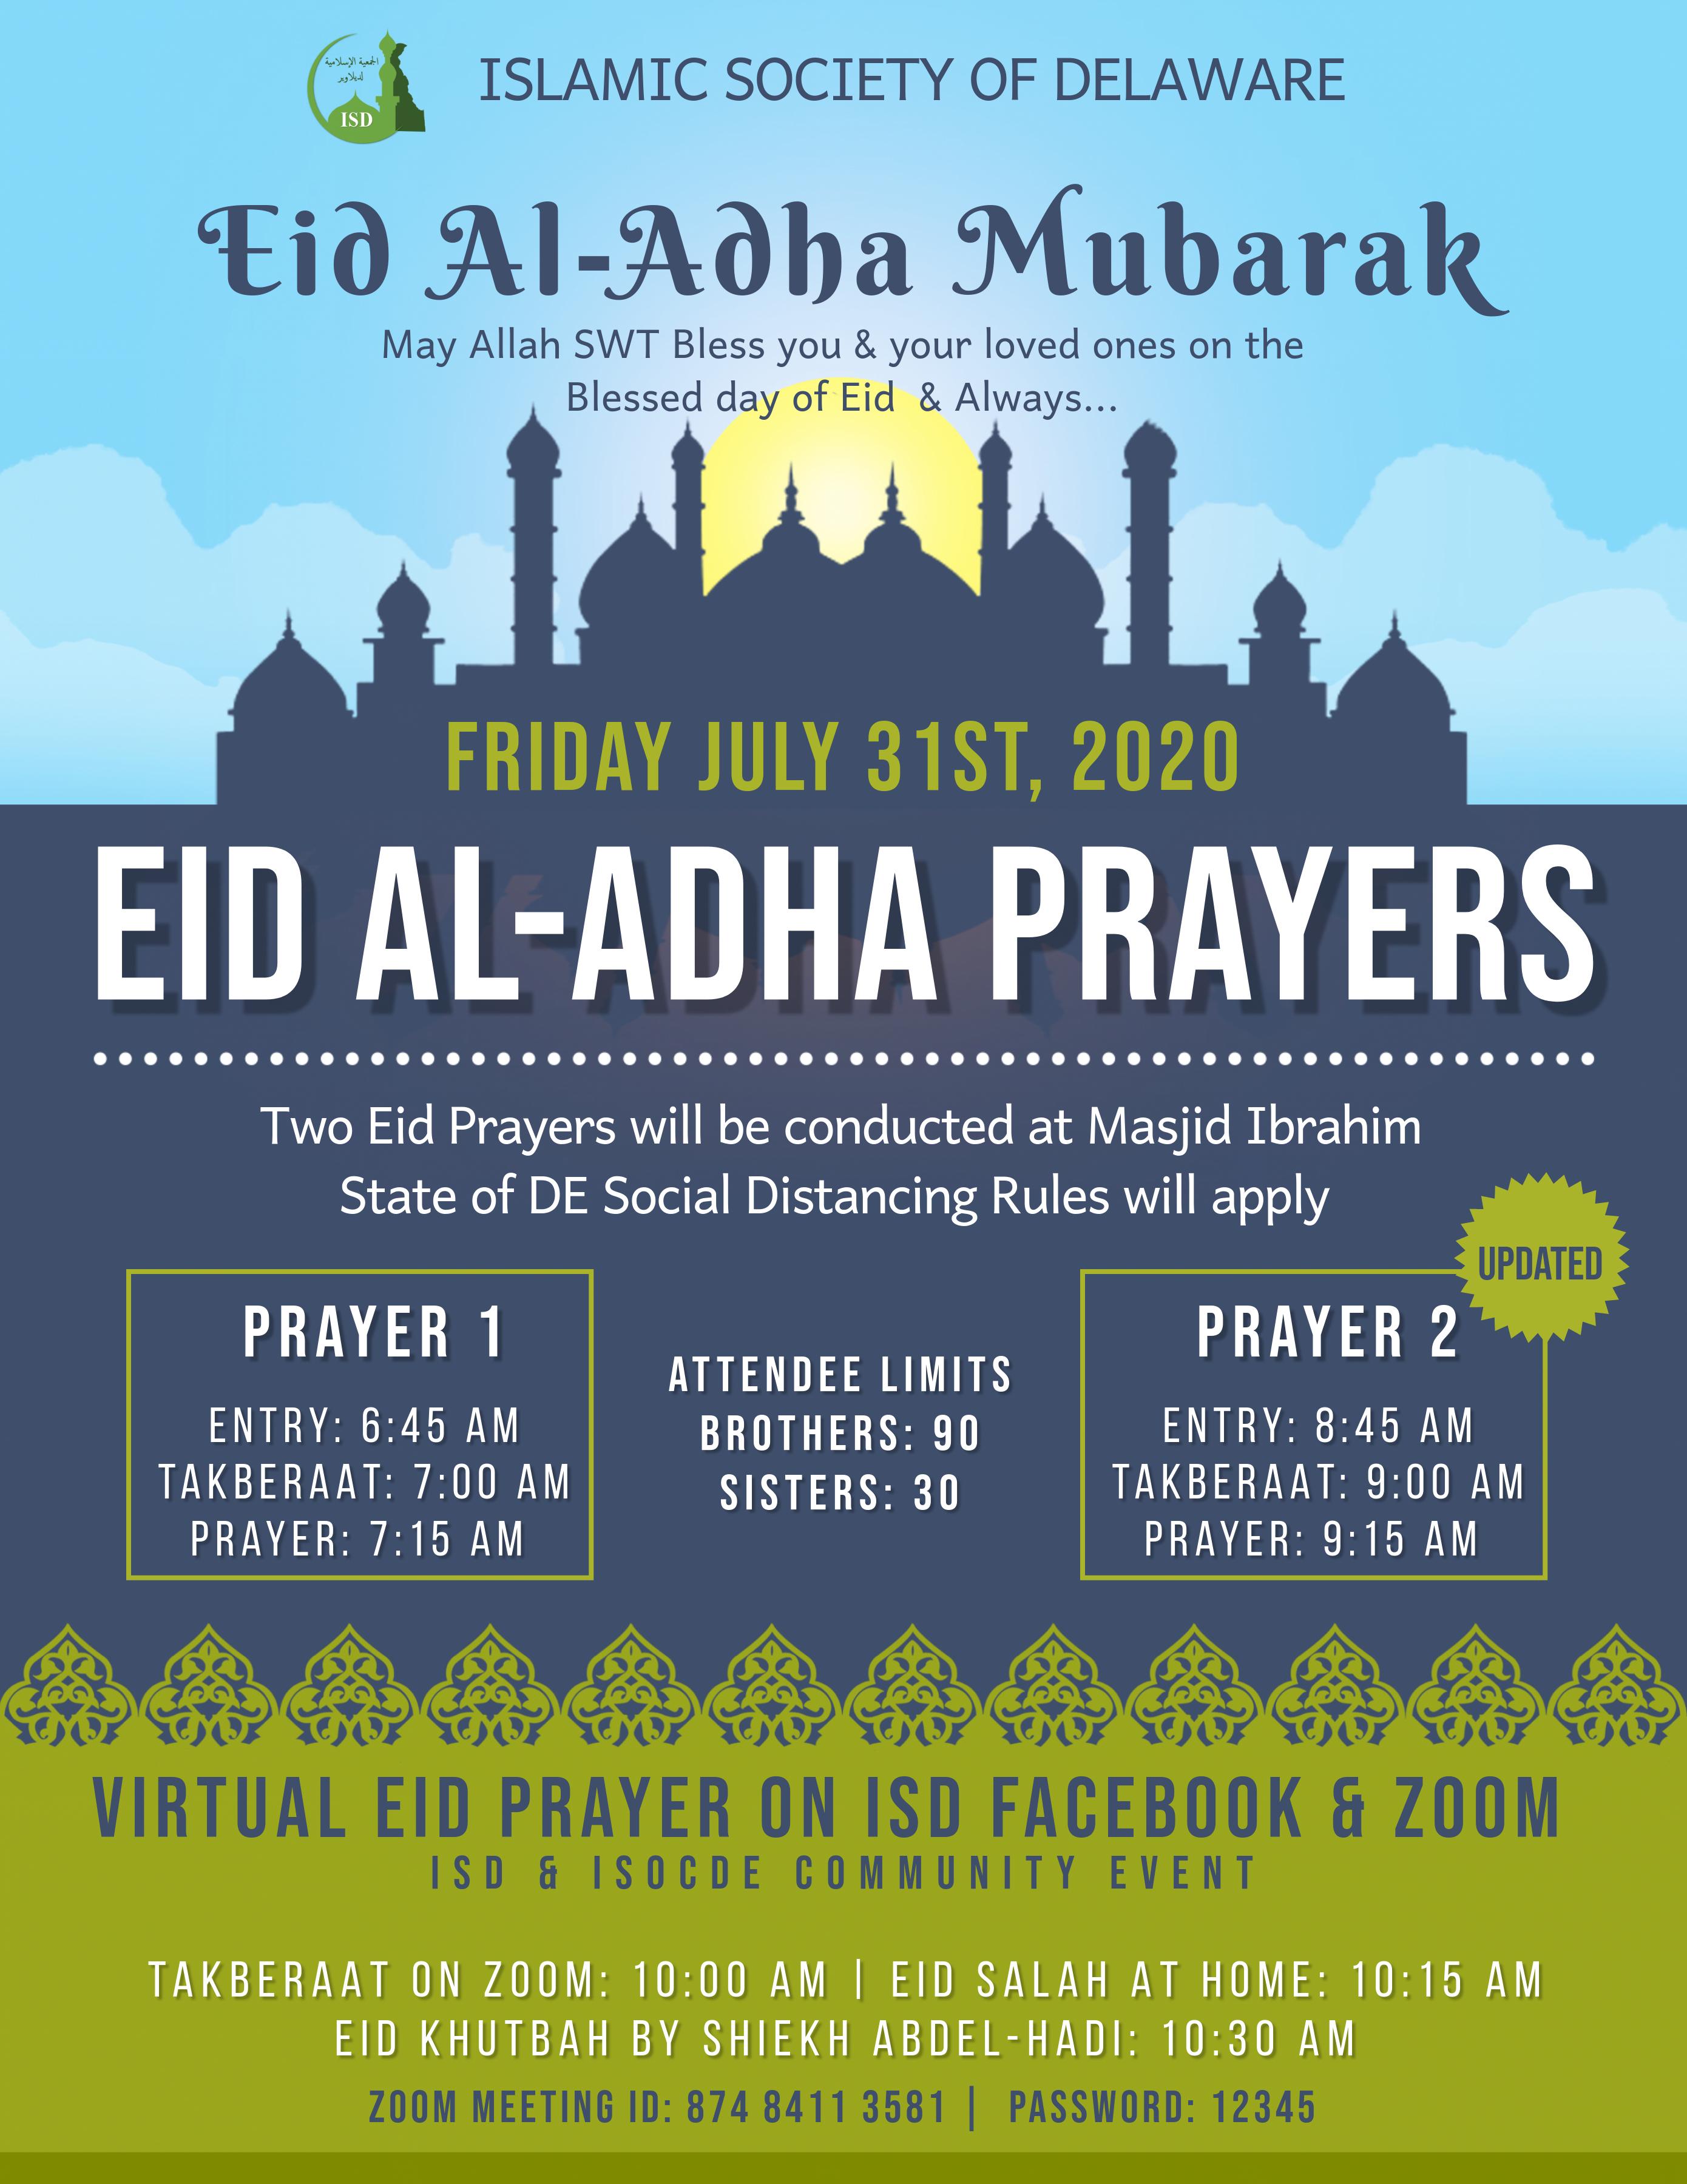 Eid Al-Adha will be on Friday, July 31st